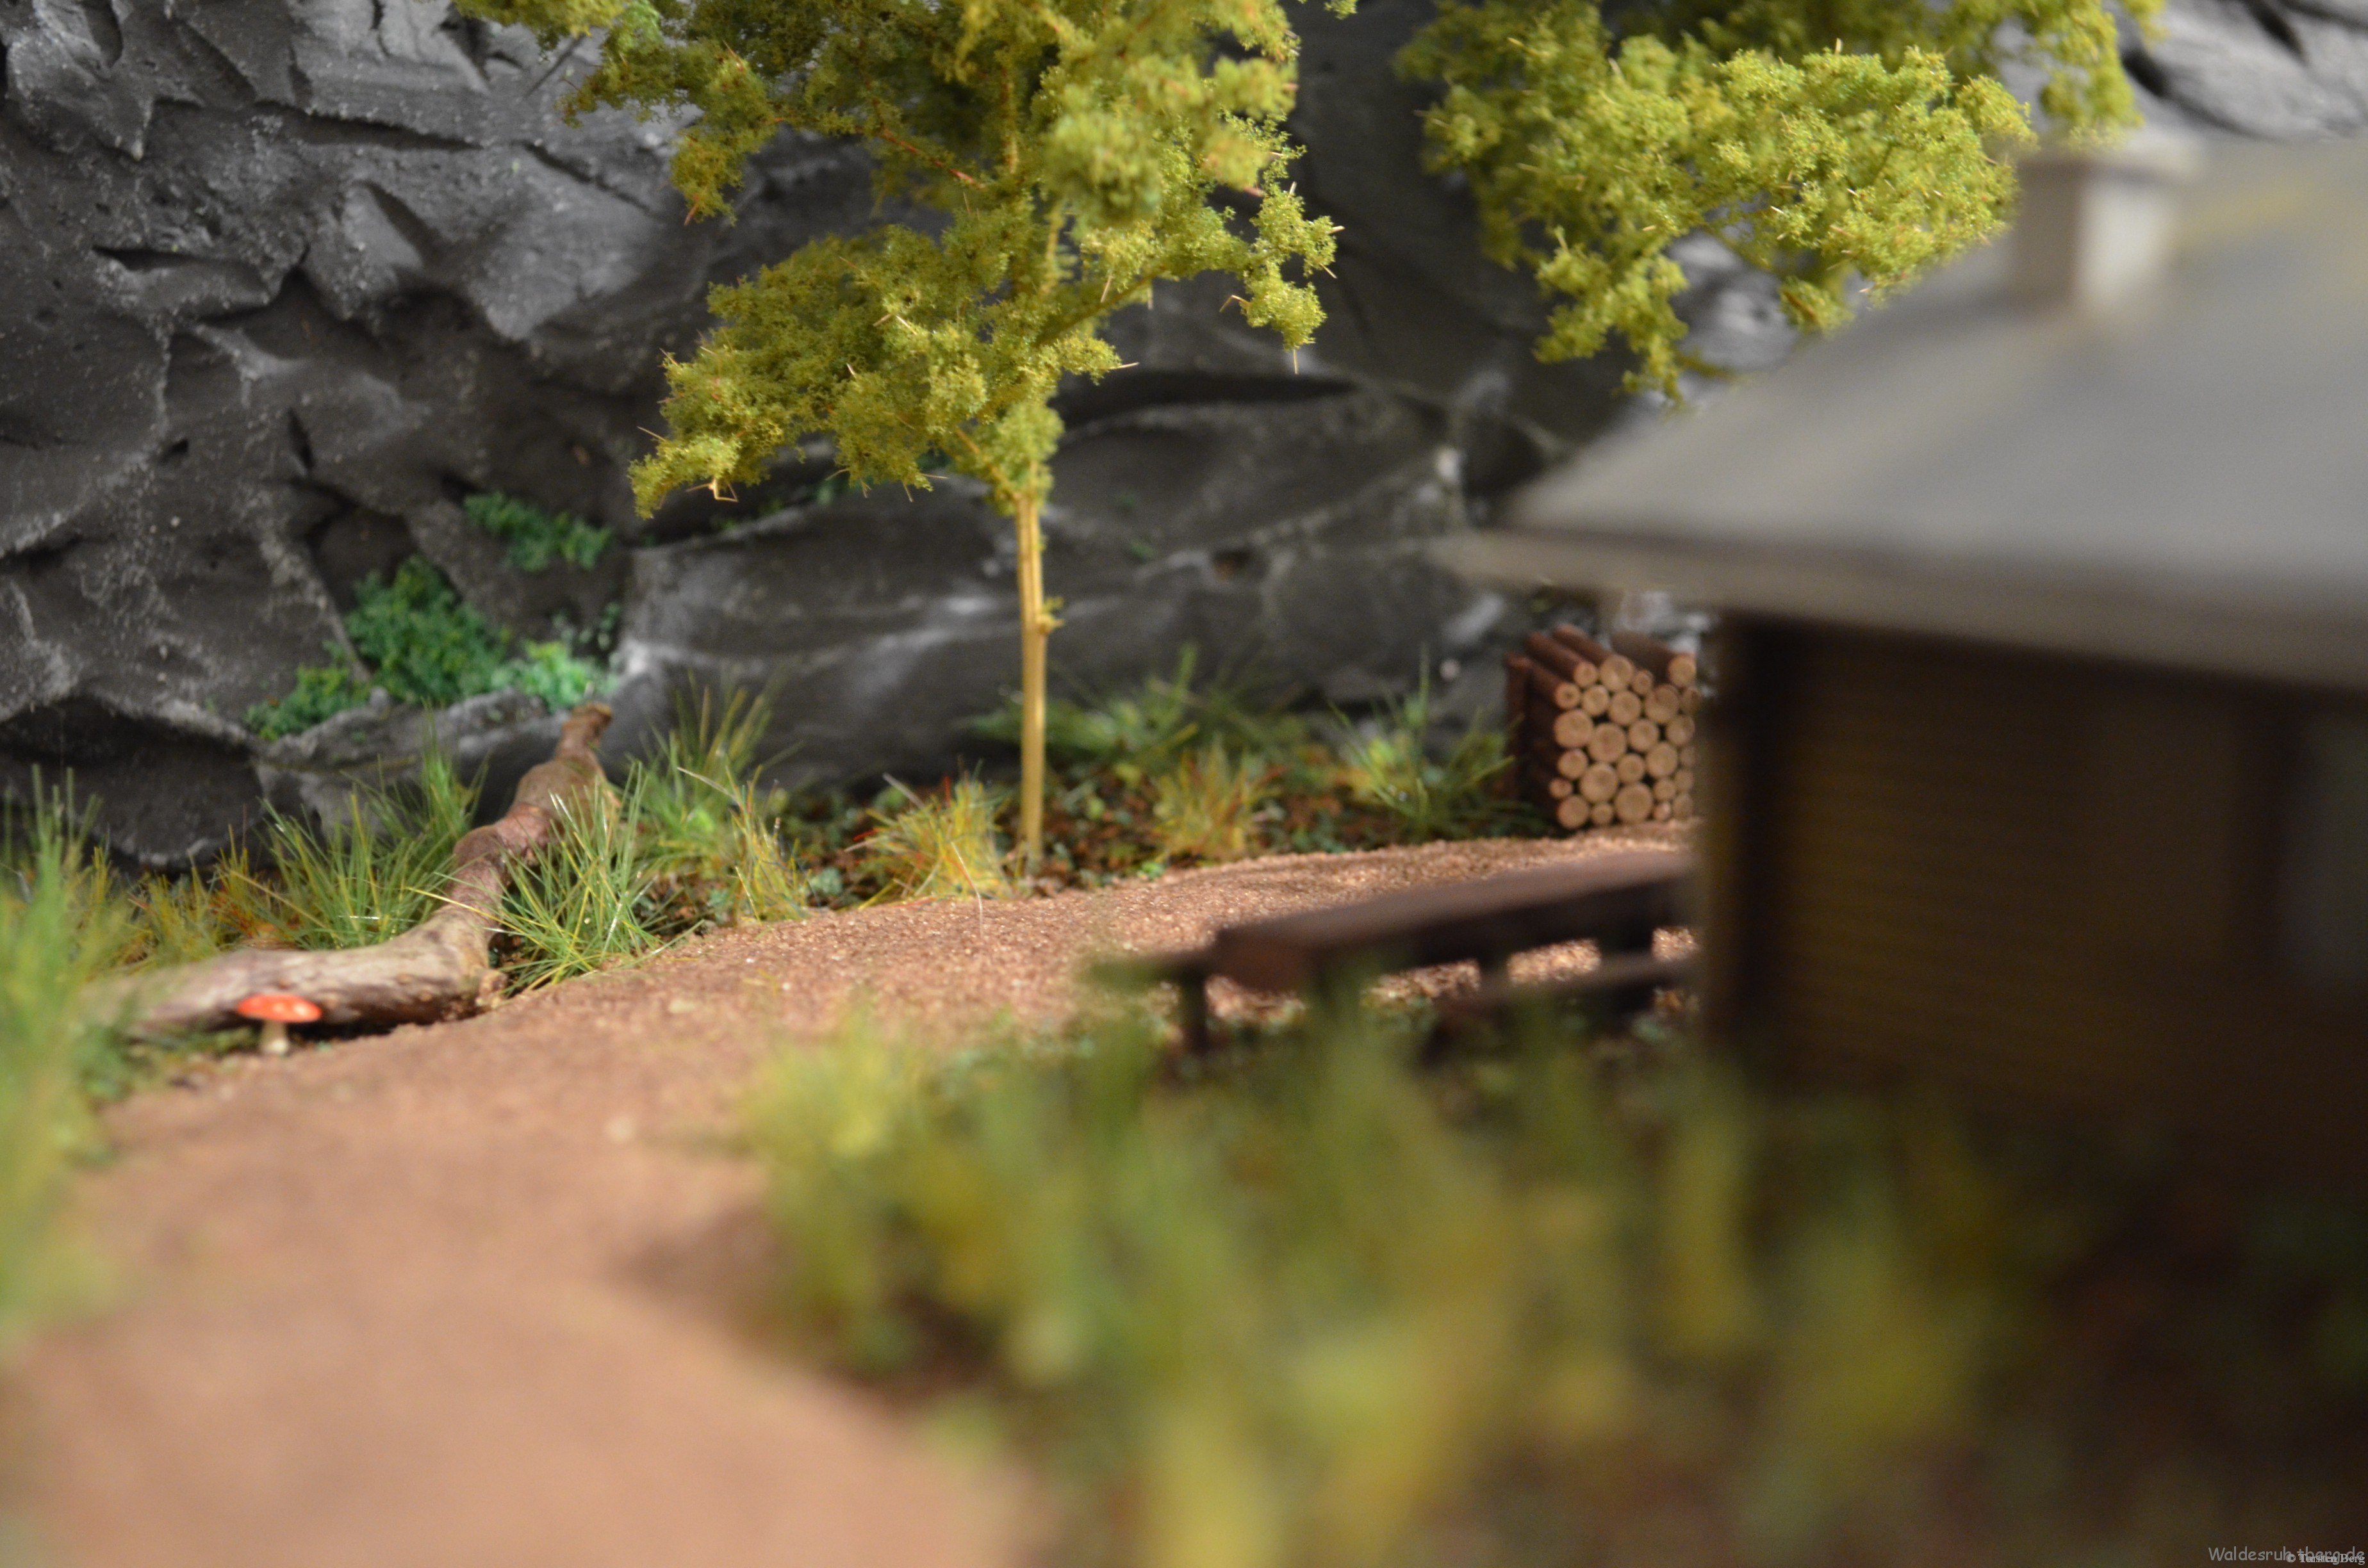 Pilzsaison in Waldesruh